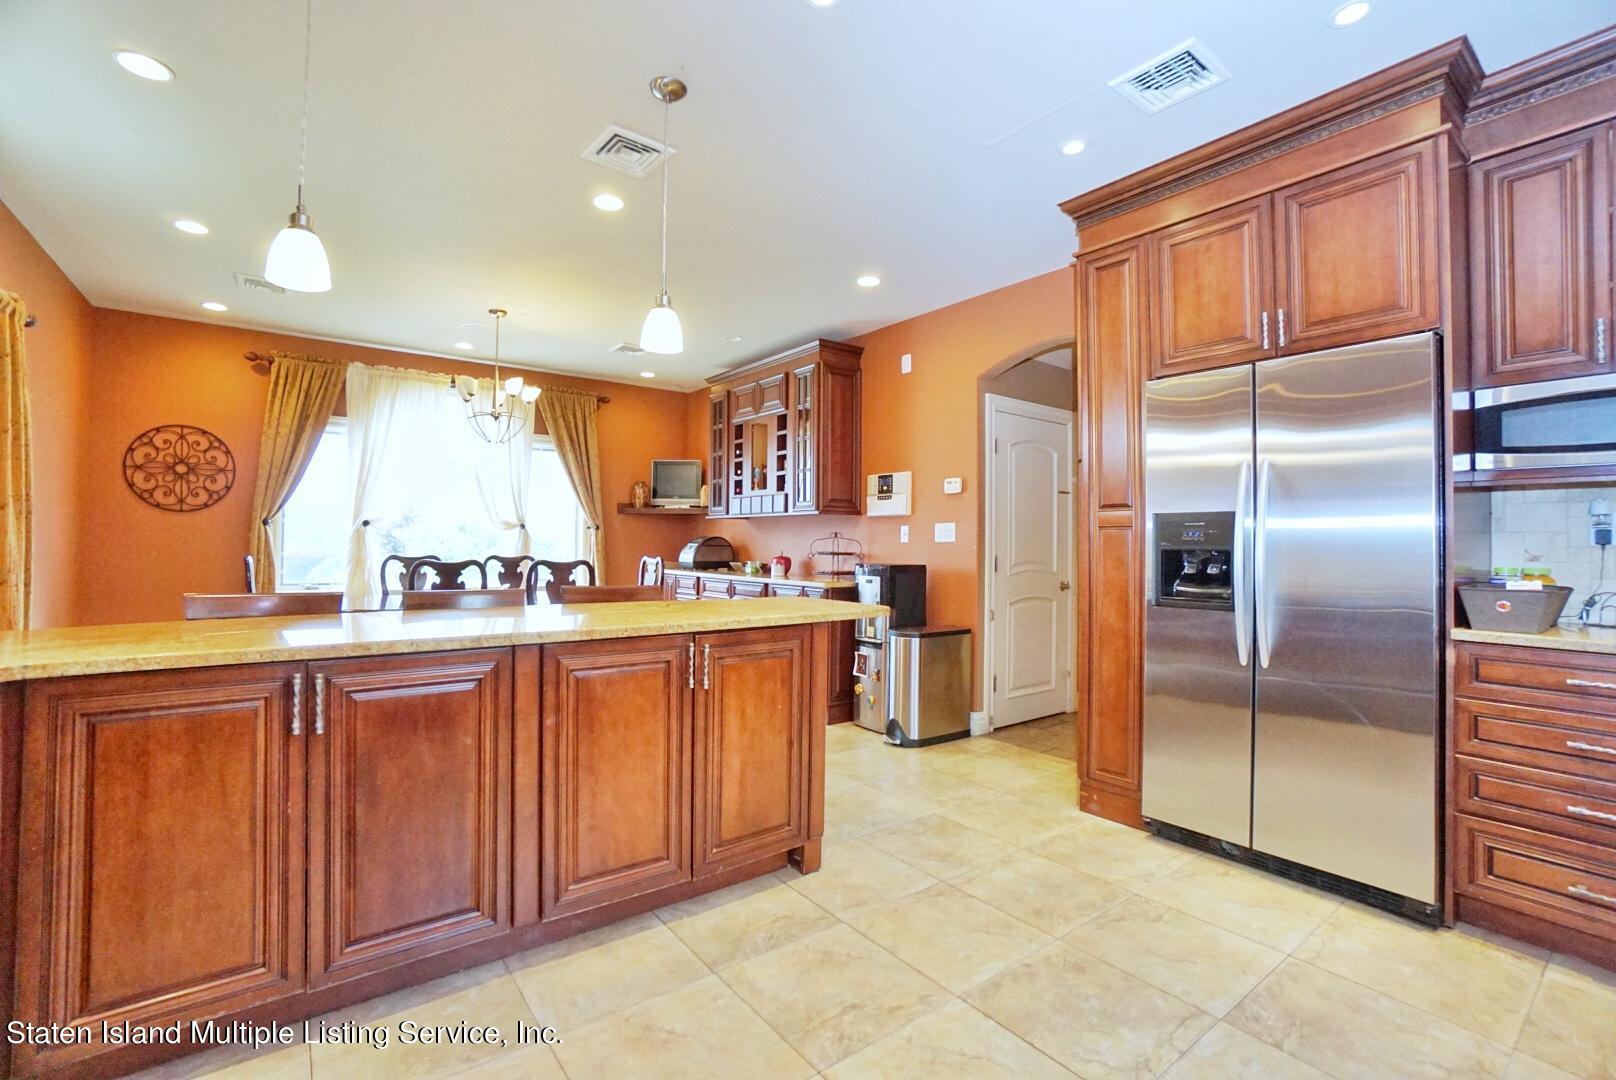 Single Family - Detached 206 Ramapo Avenue  Staten Island, NY 10309, MLS-1147193-15